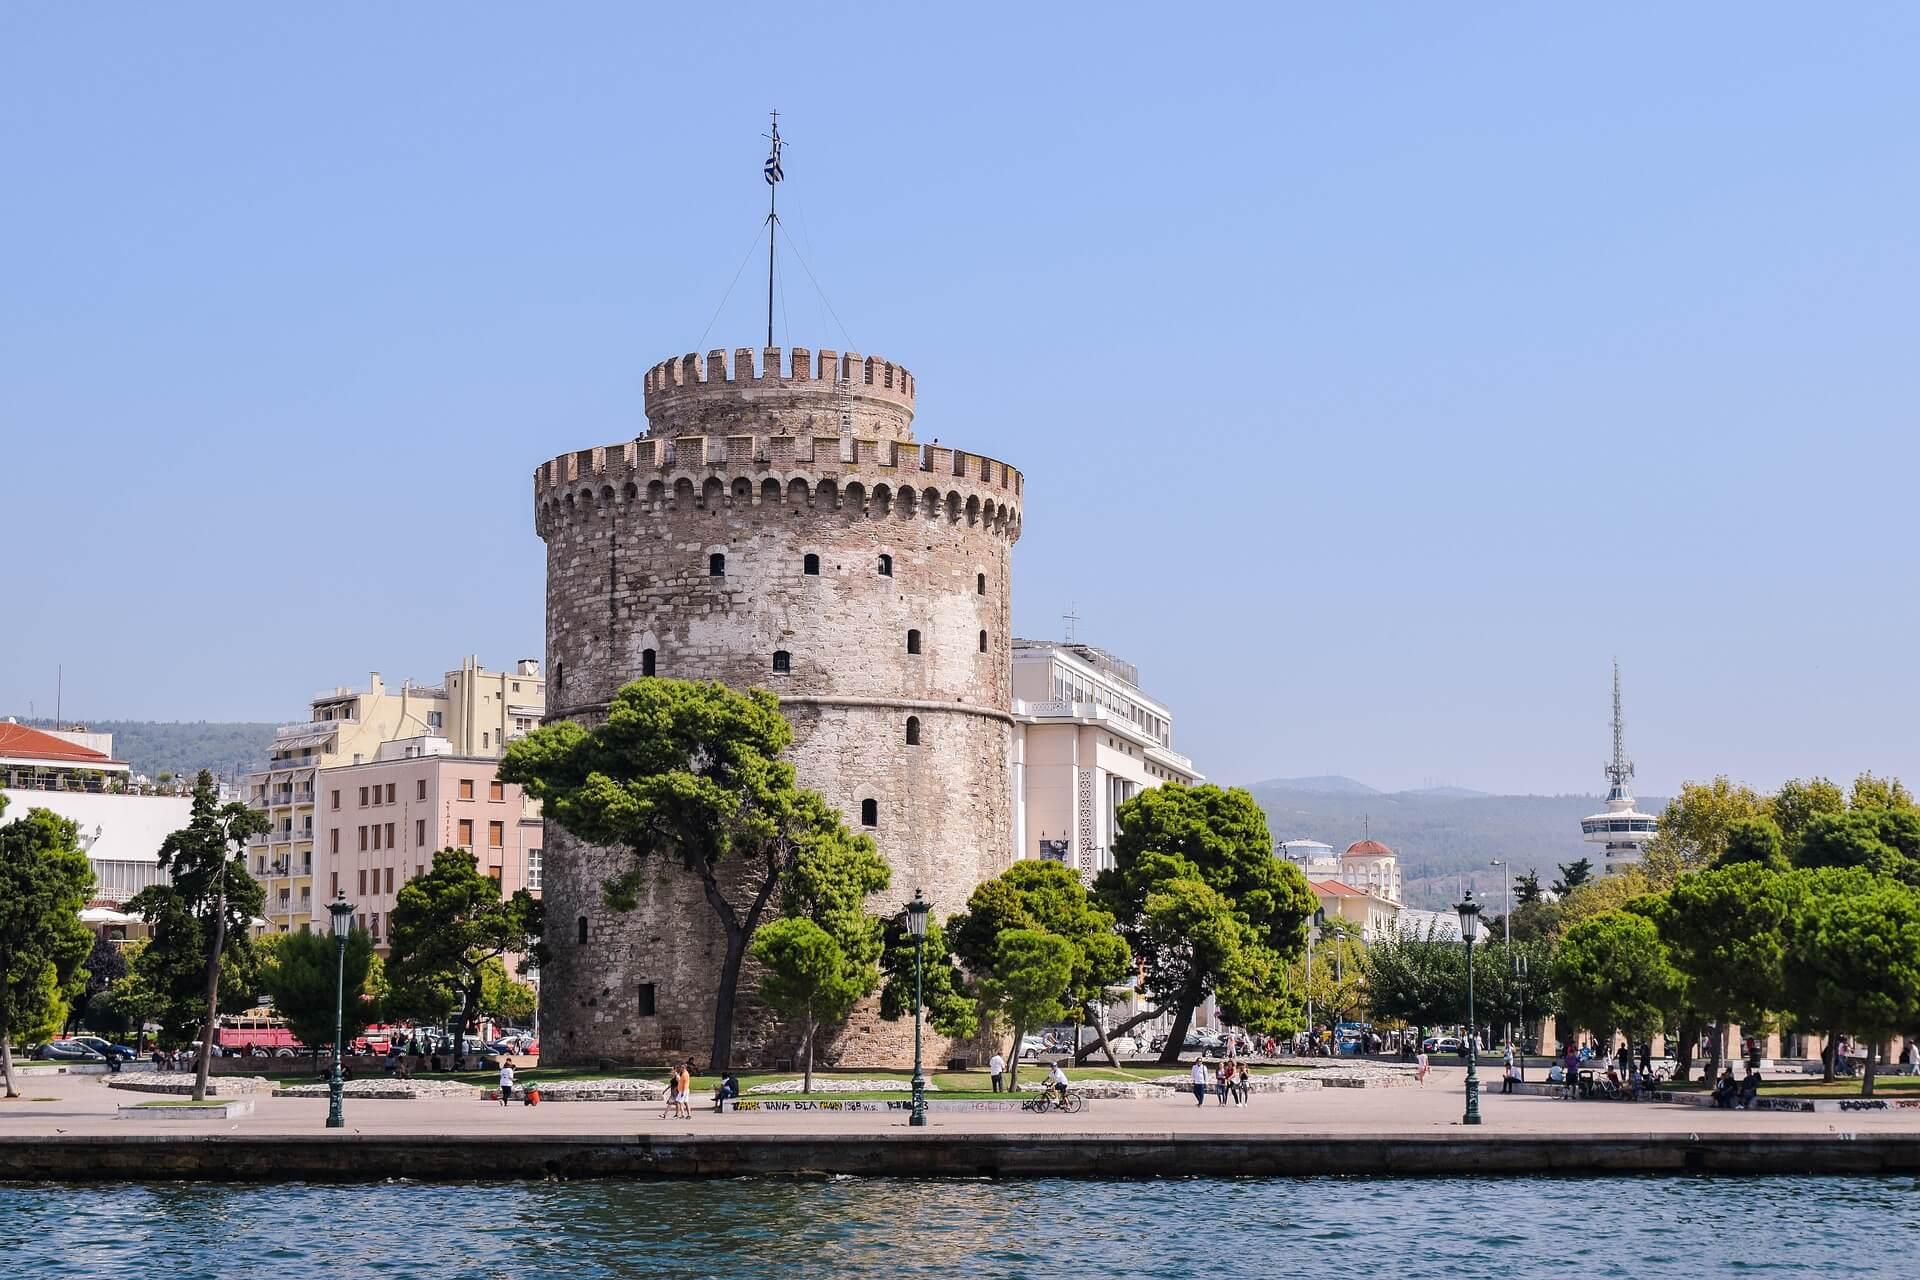 Direktflüge und Billigflüge ab Berlin-Schönefeld nach Thessaloniki